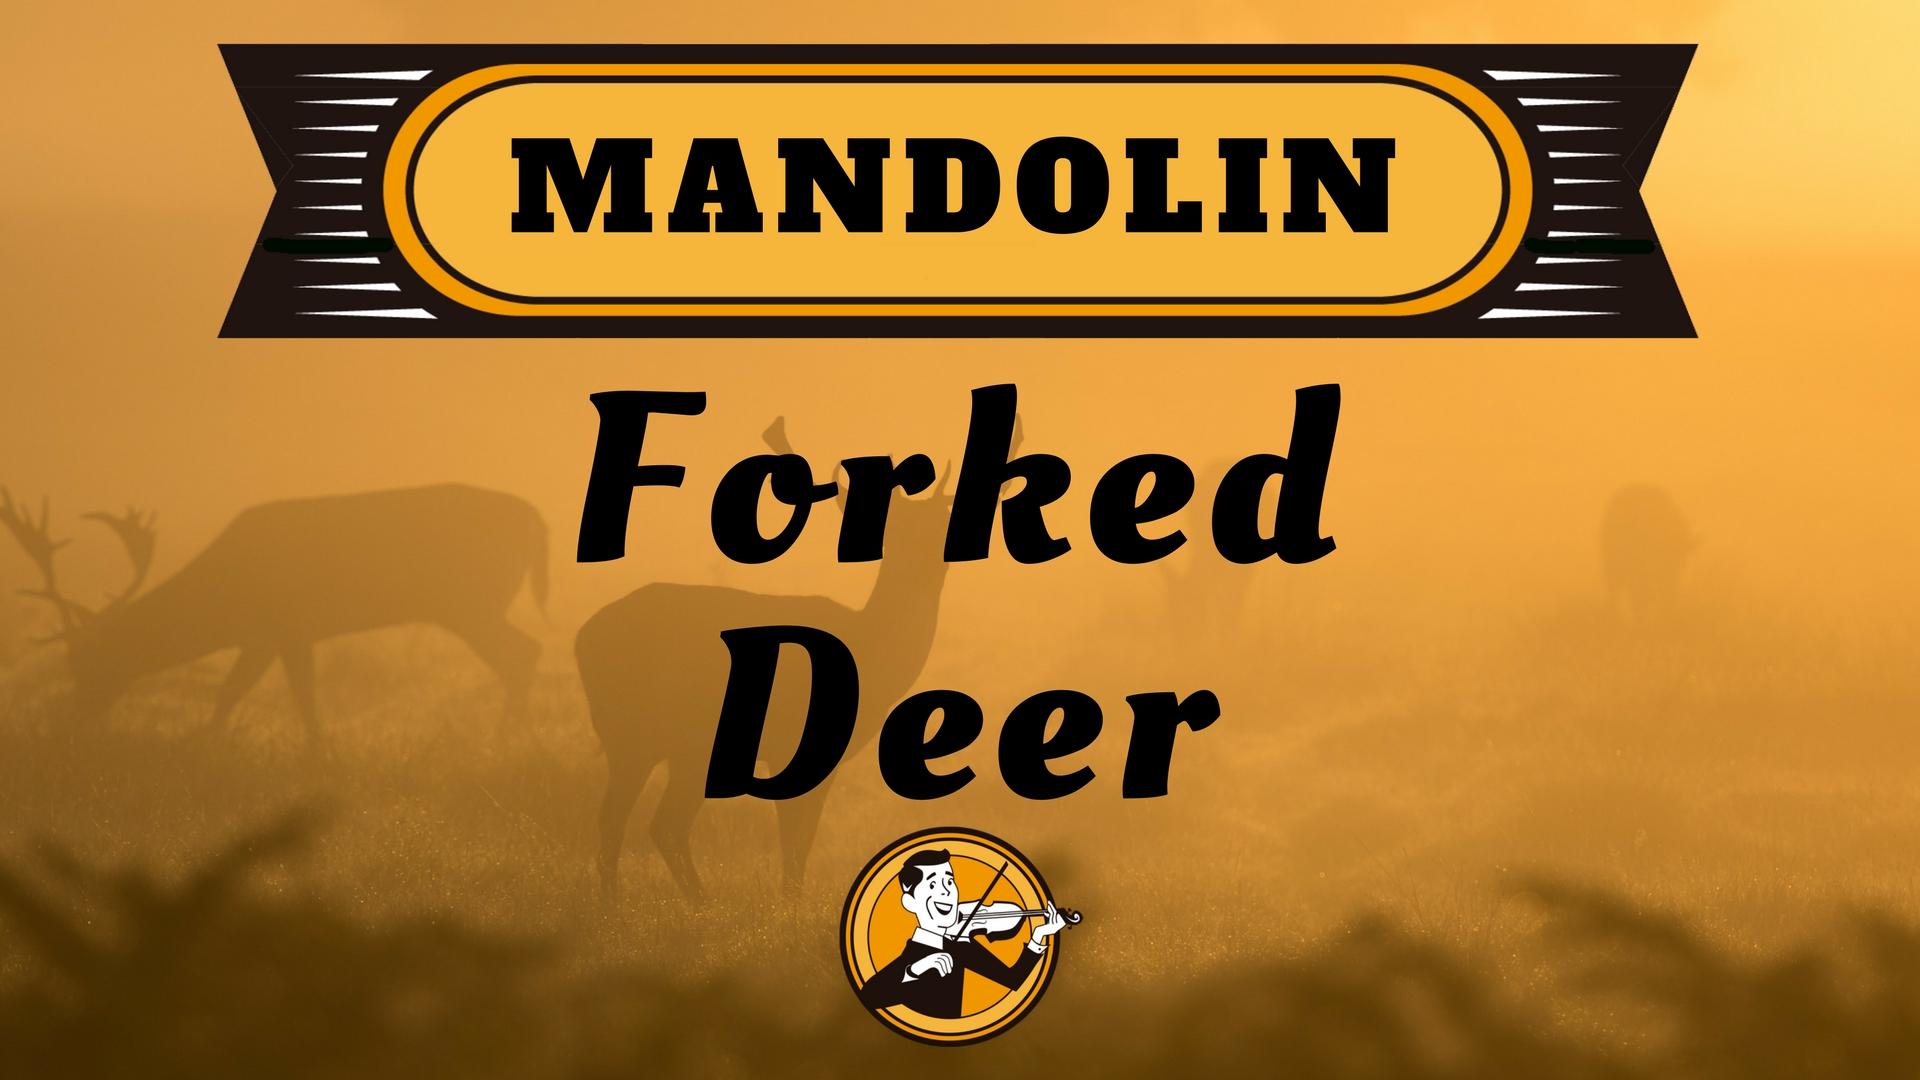 Mandolin Forked Deer